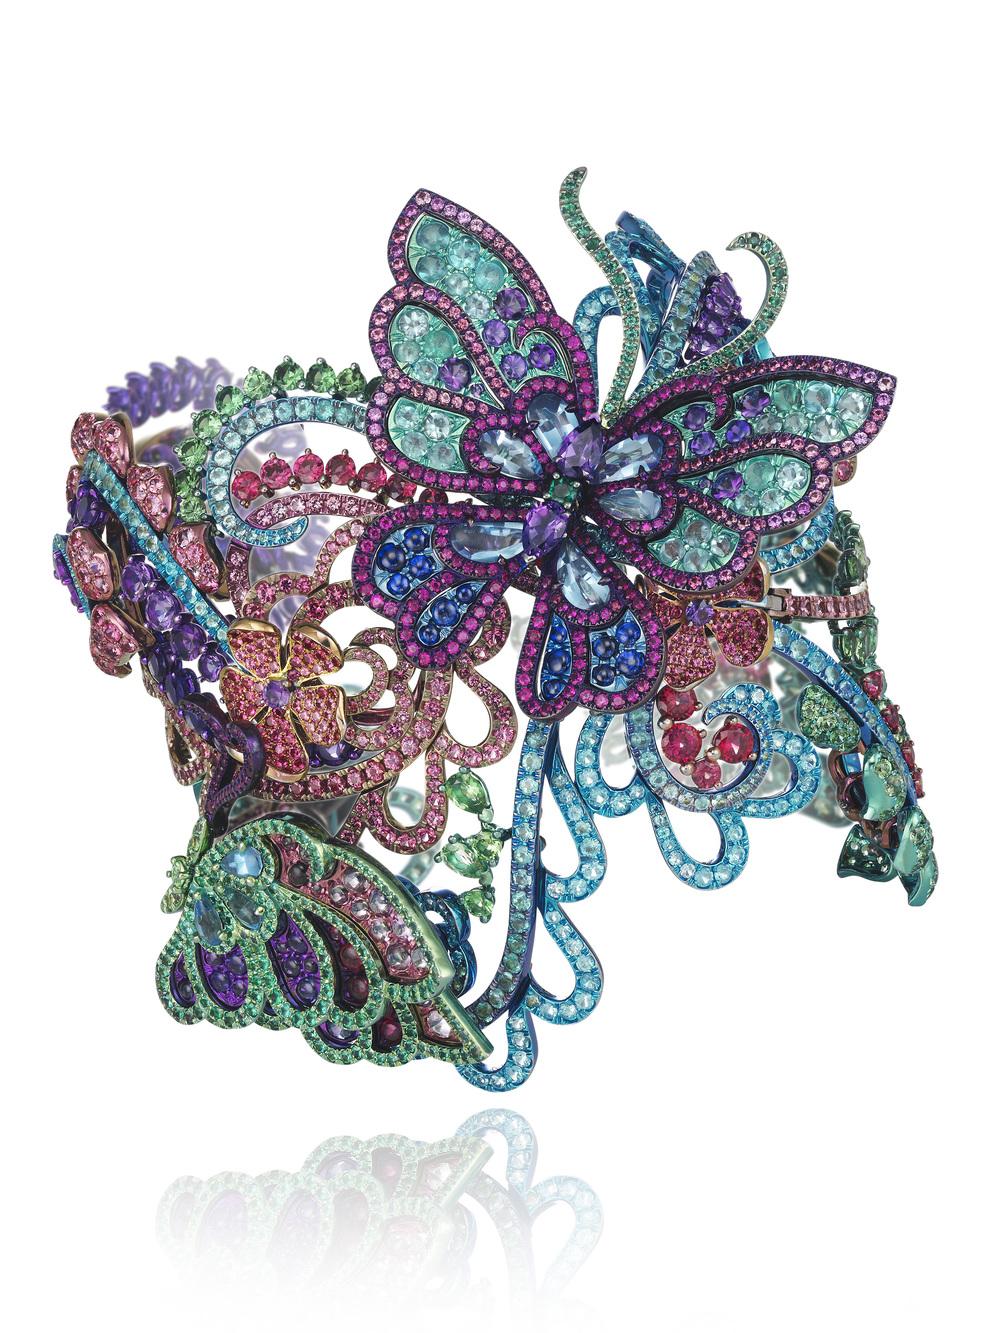 859760-9001 Haute Joaillerie Bracelet  (1).jpg